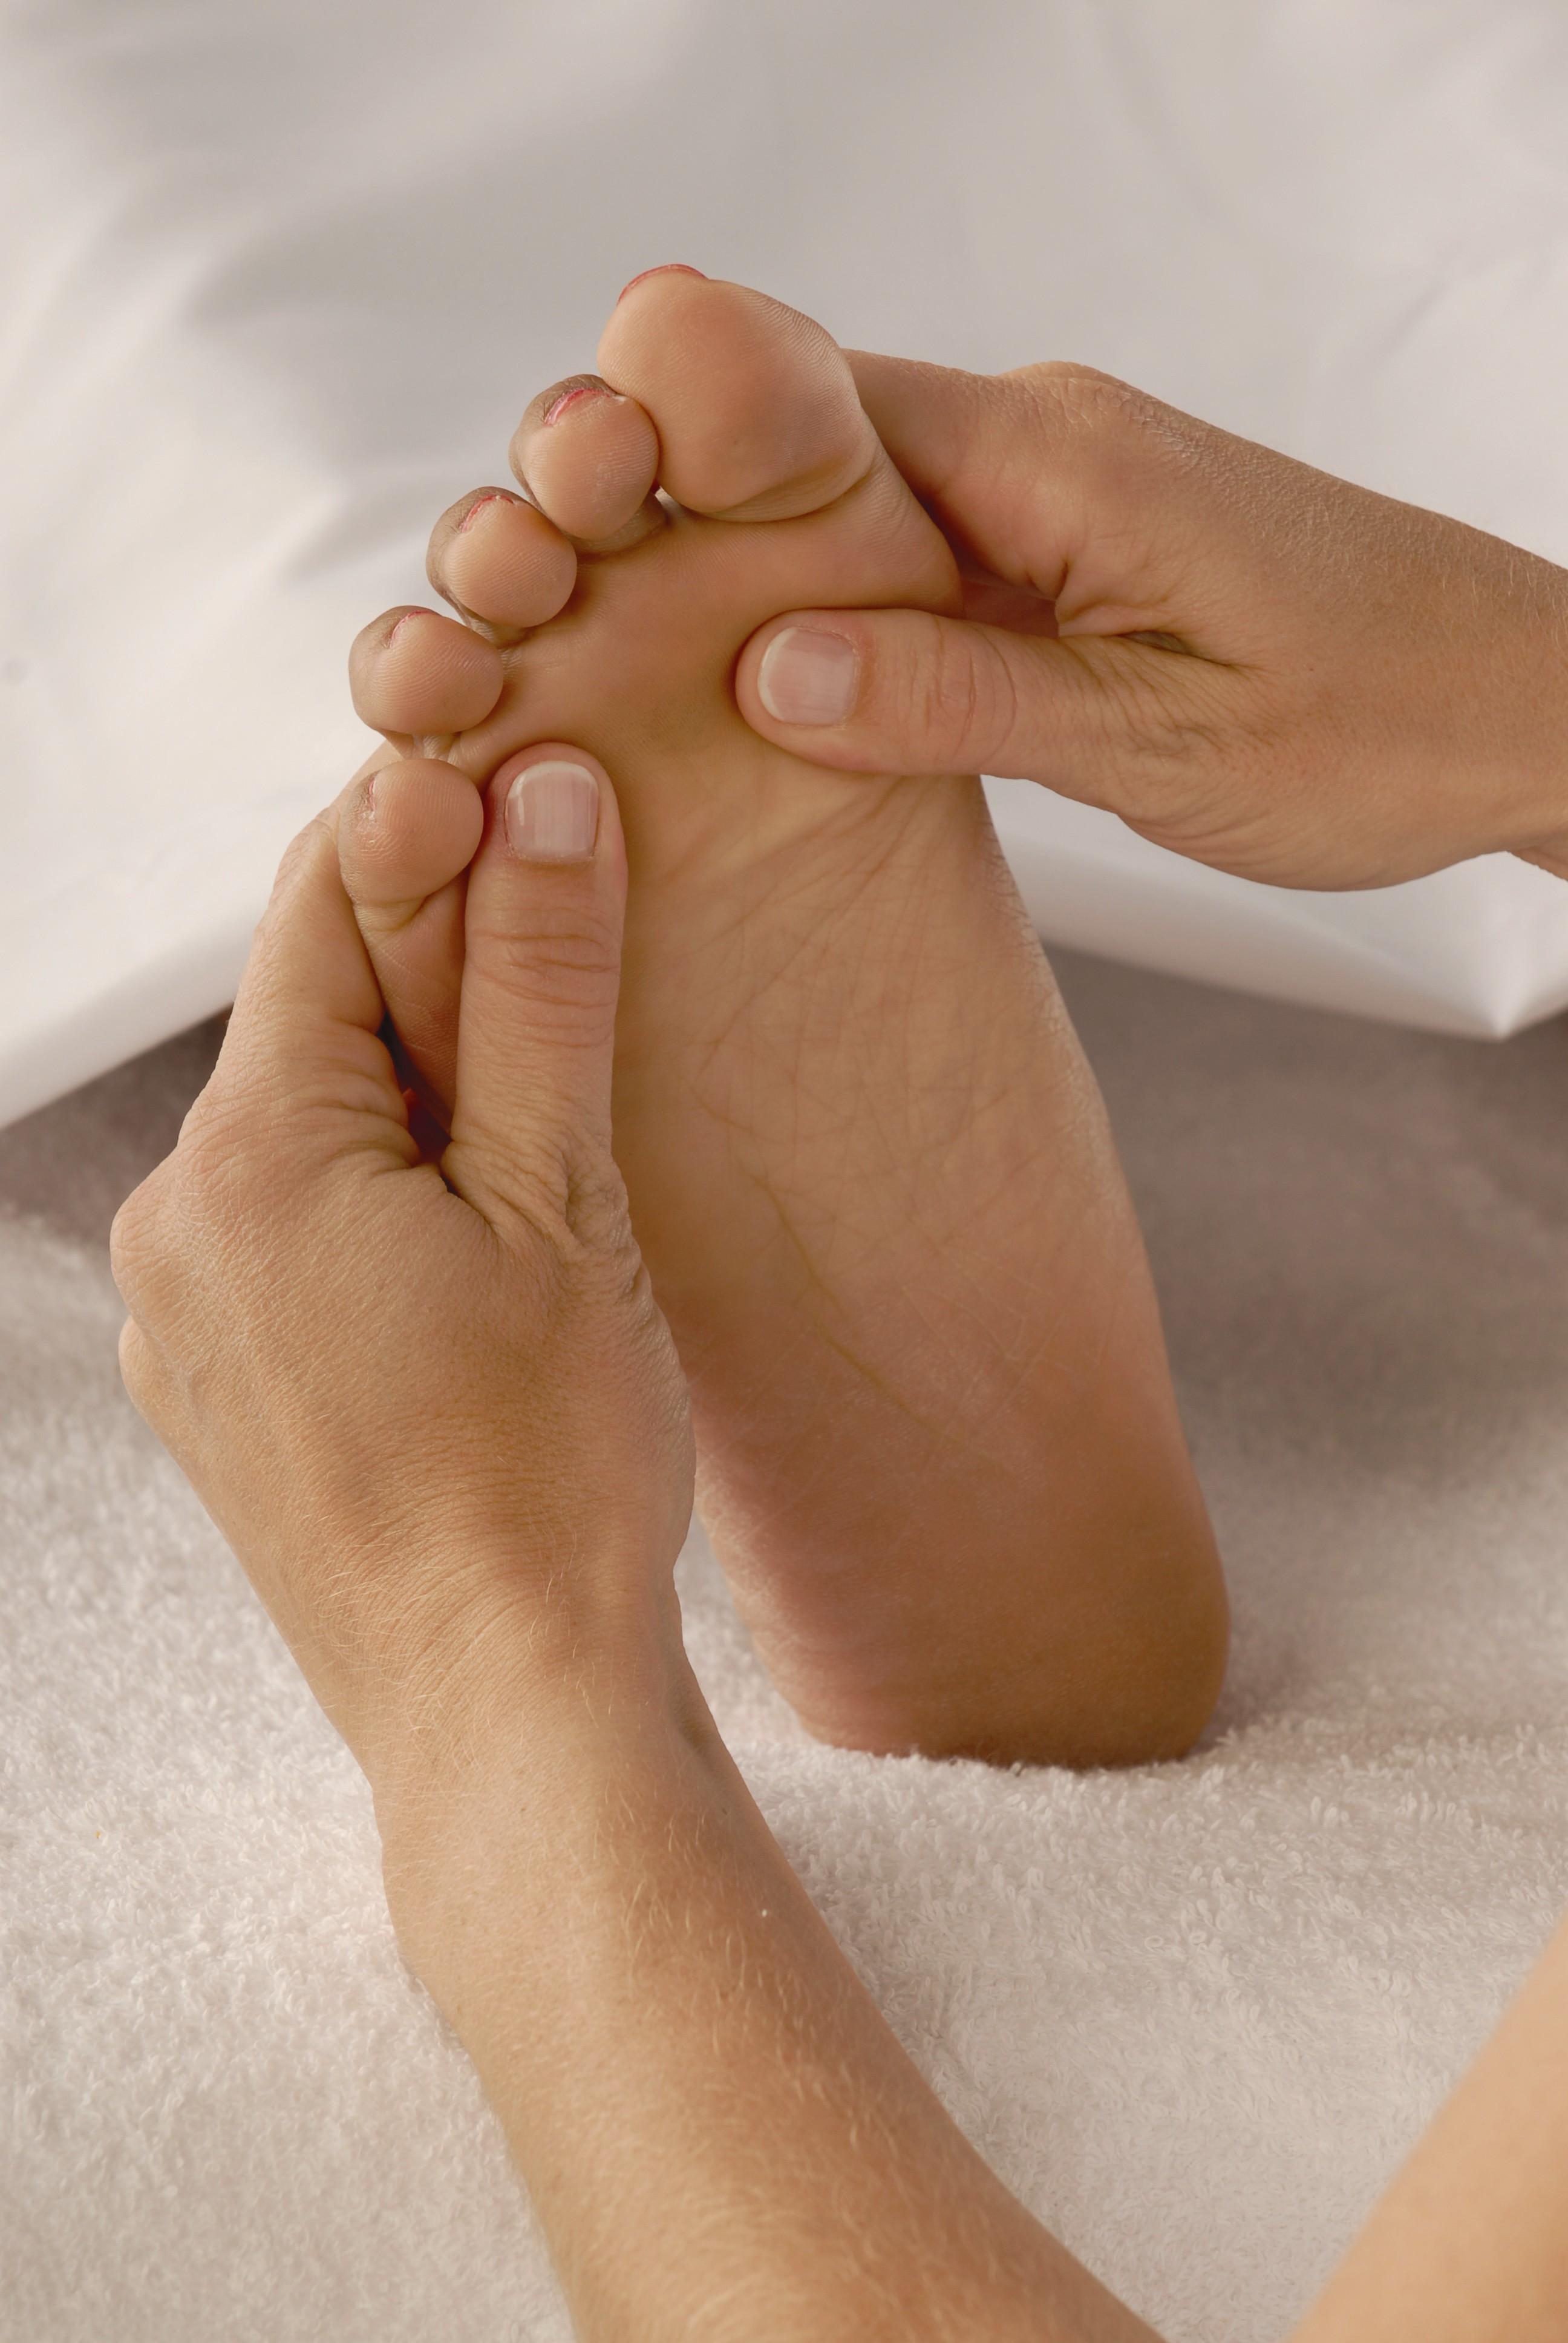 therapeutic massage techniques